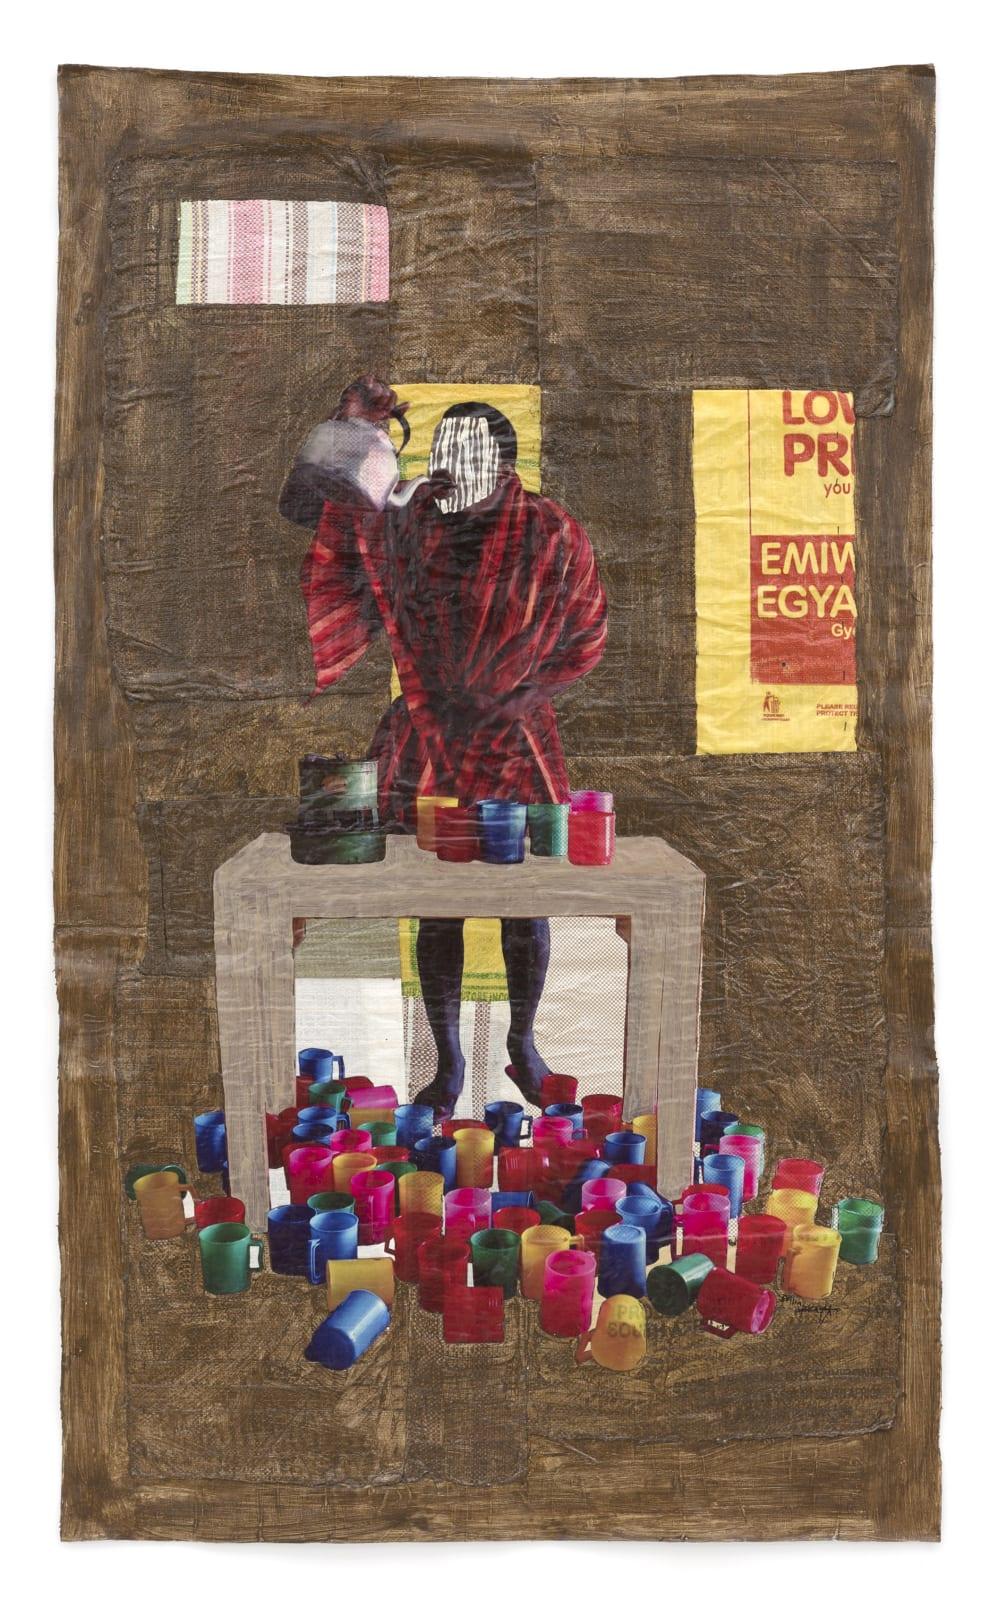 Collin Sekajugo, The Drinker, 2019